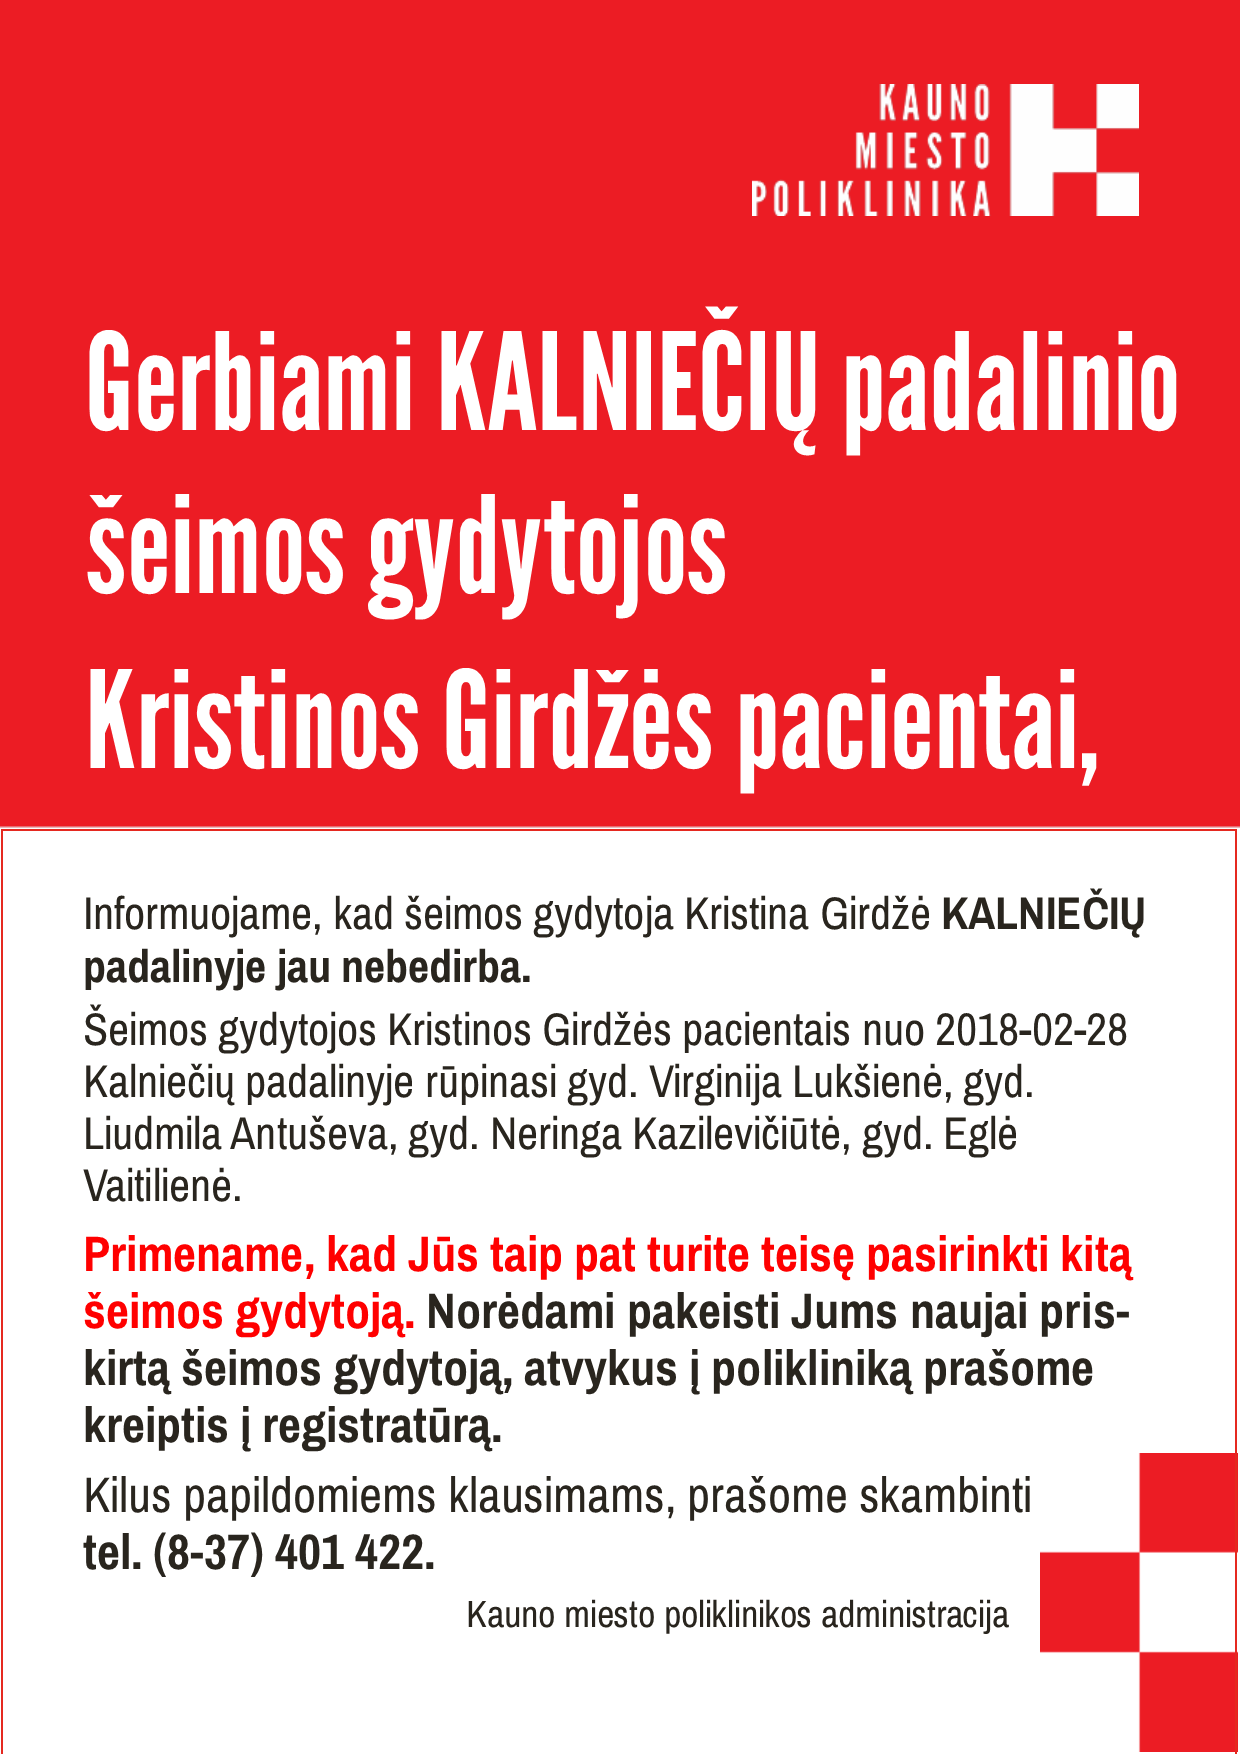 INFORMACIJA KALNIEČIŲ PADALINIO ŠEIMOS GYDYTOJOS KRISTINOS GIRDŽĖS PACIENTAMS